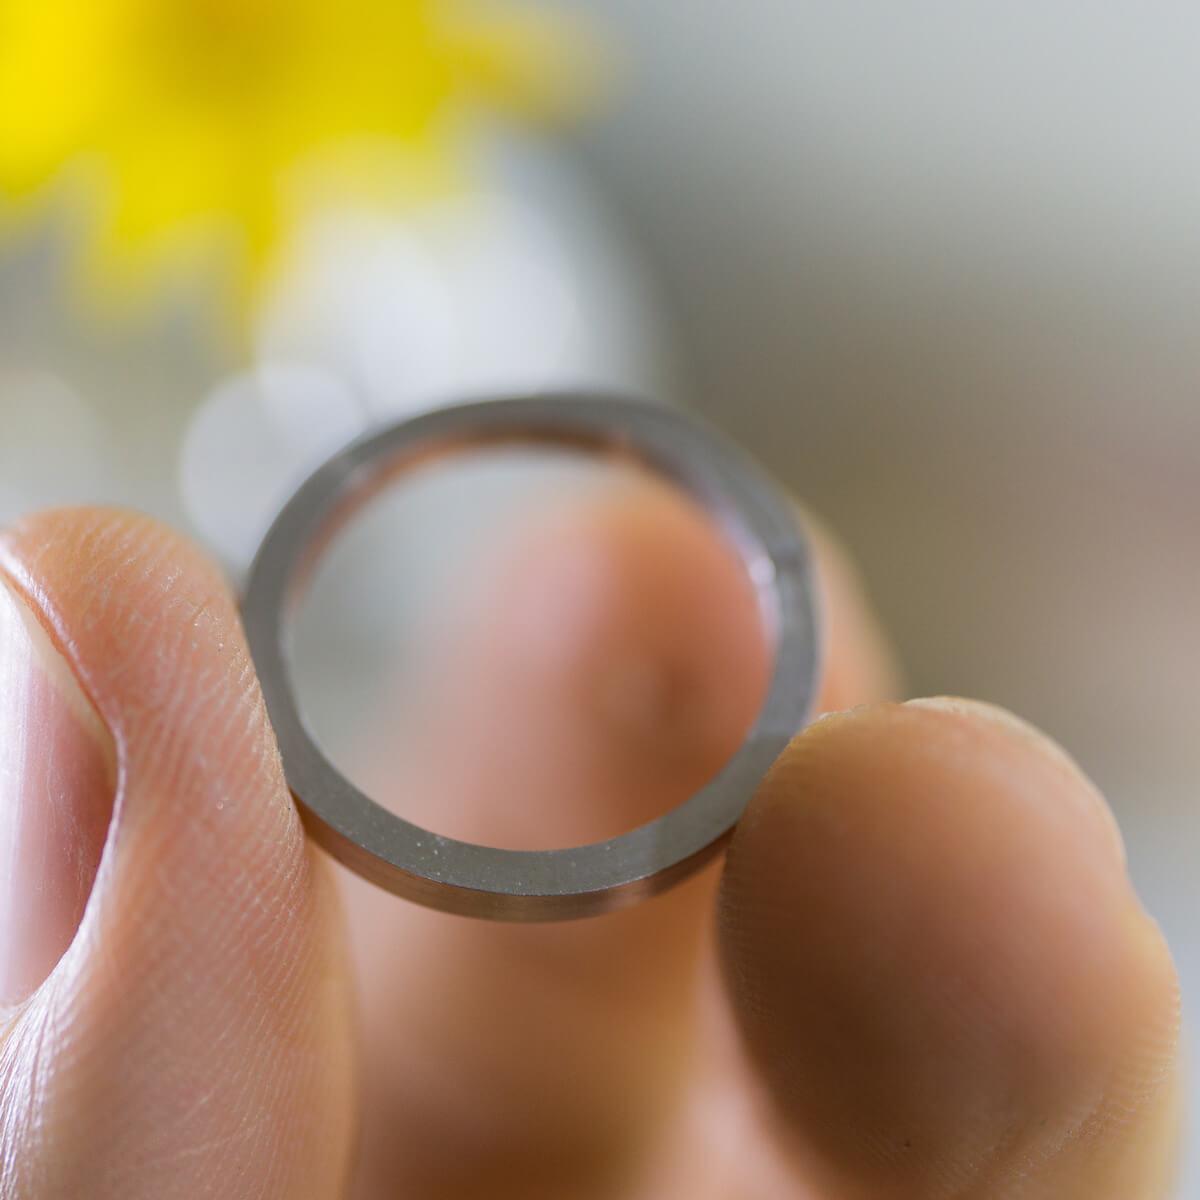 オーダーメイドマリッジリングの制作風景 手にプラチナリング ジュエリーのアトリエ 屋久島でつくる結婚指輪